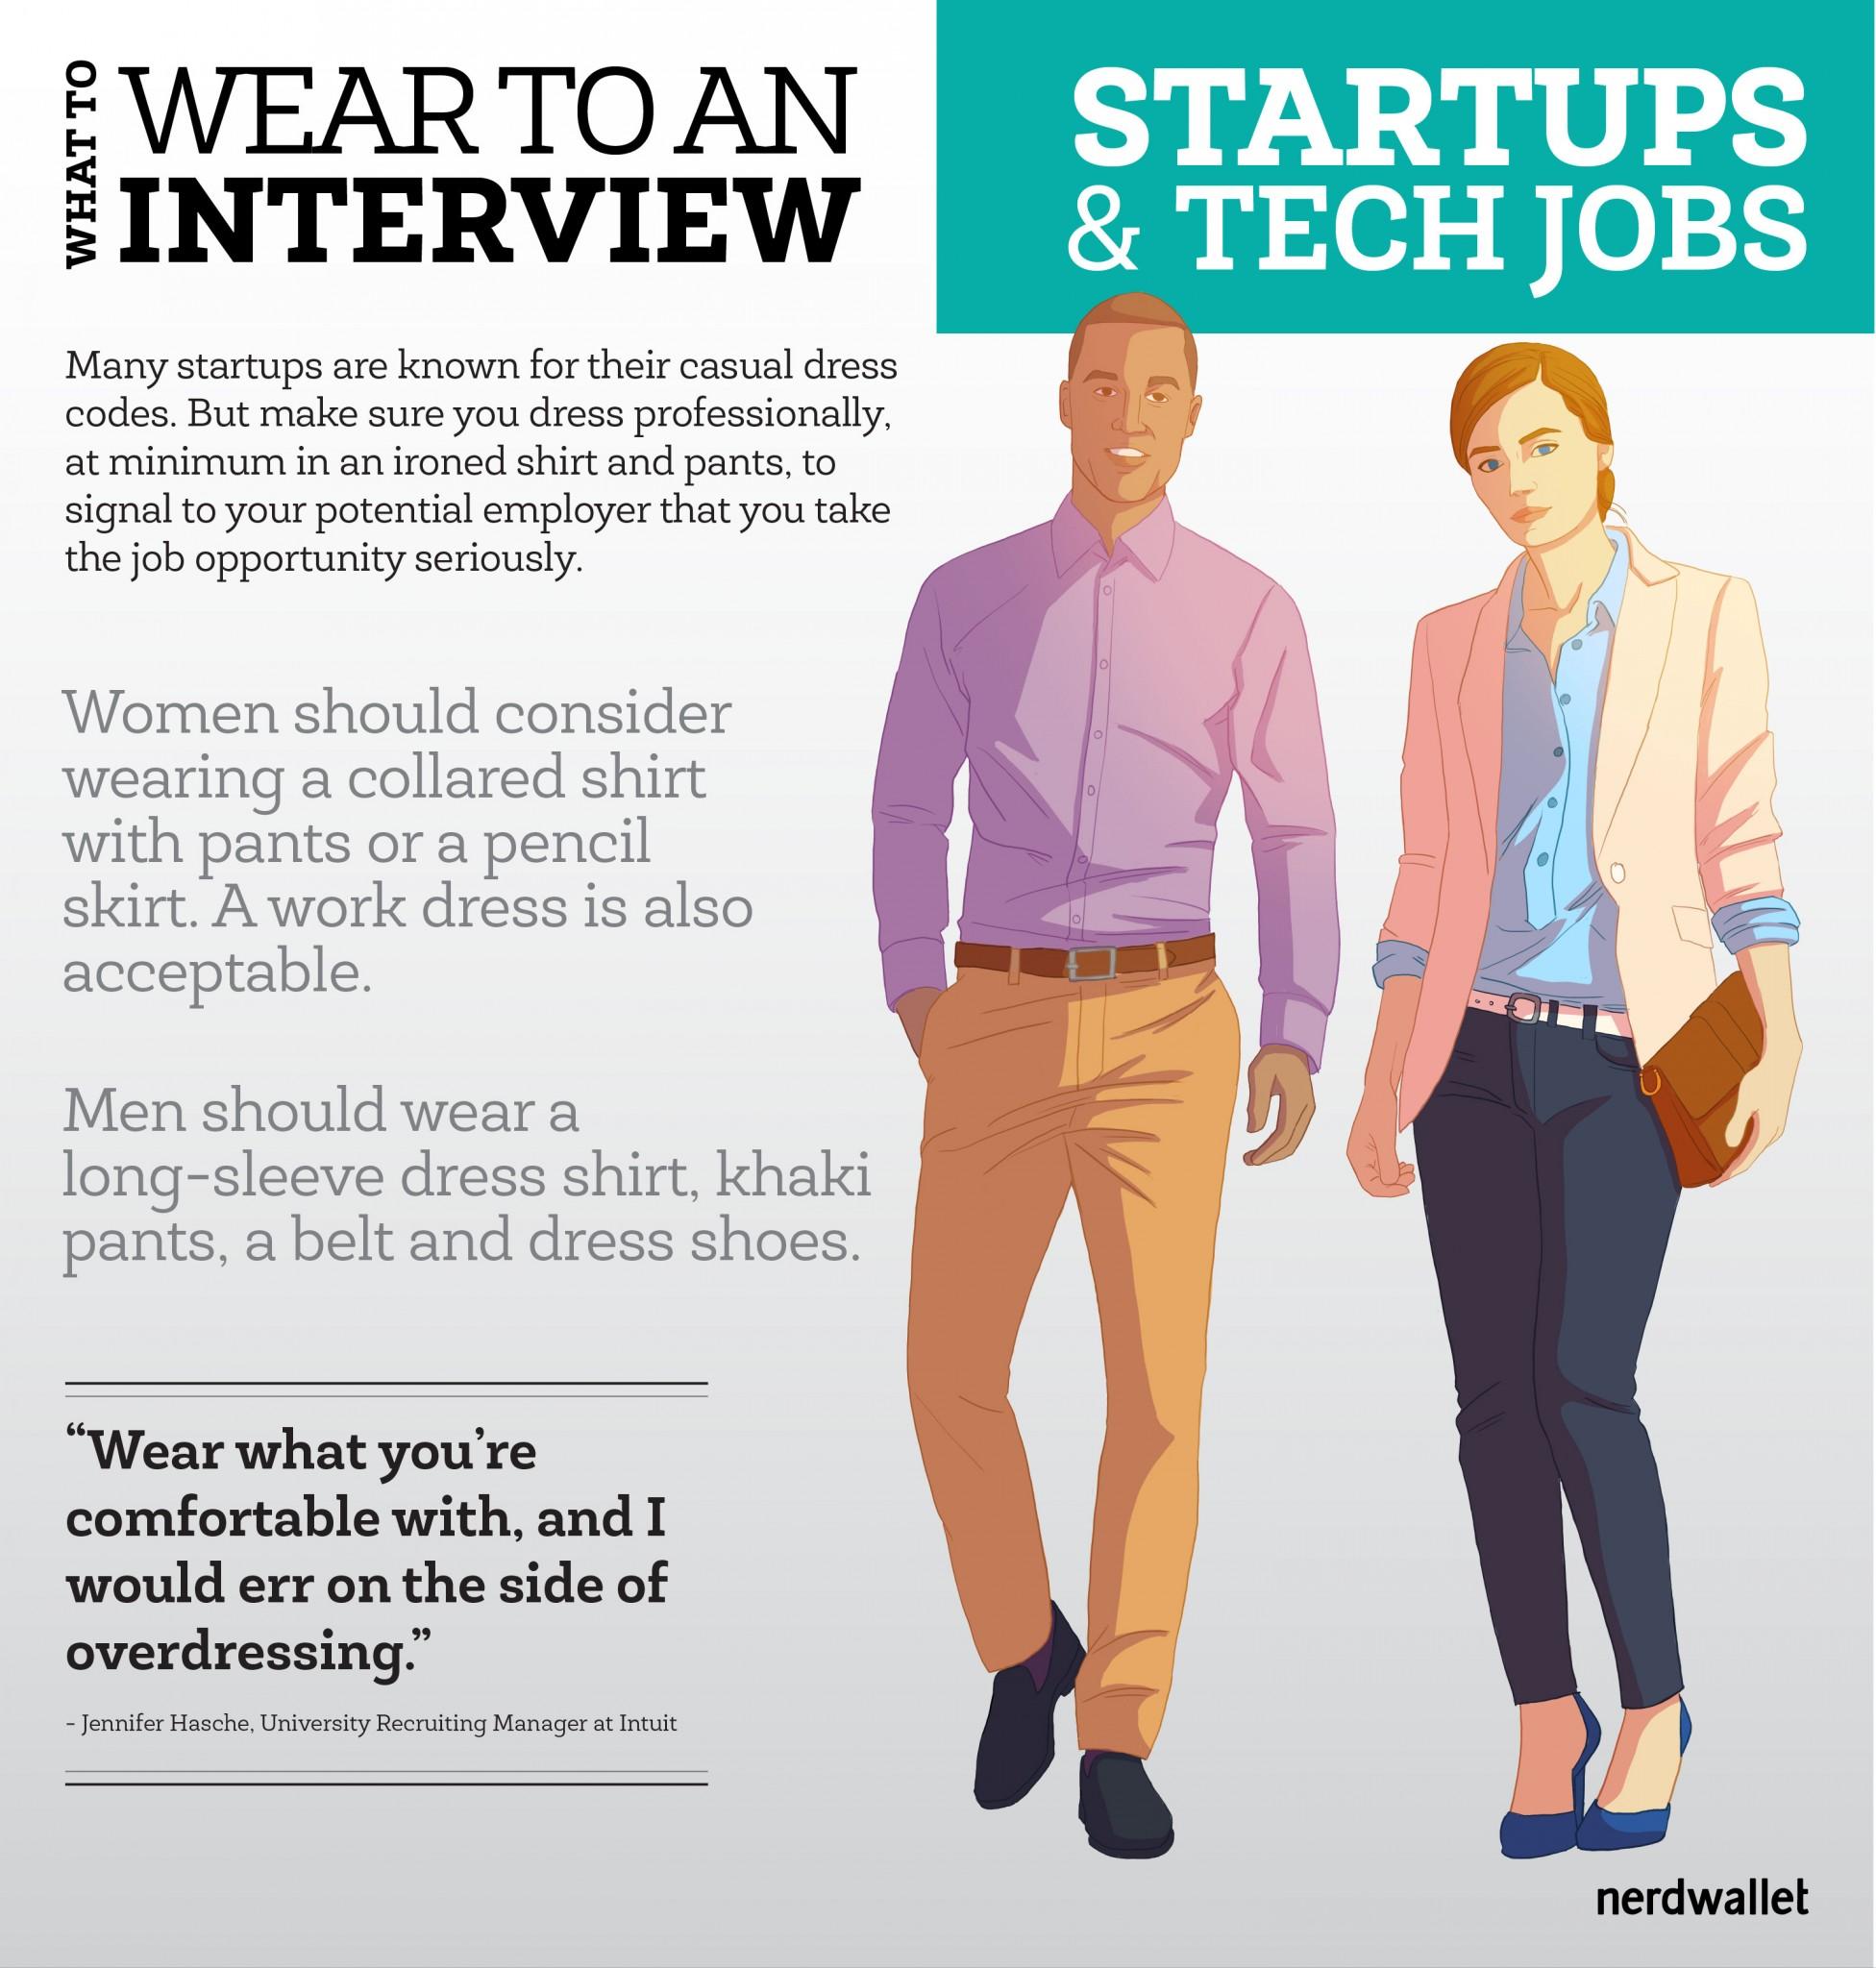 jobstt career advice tech start up